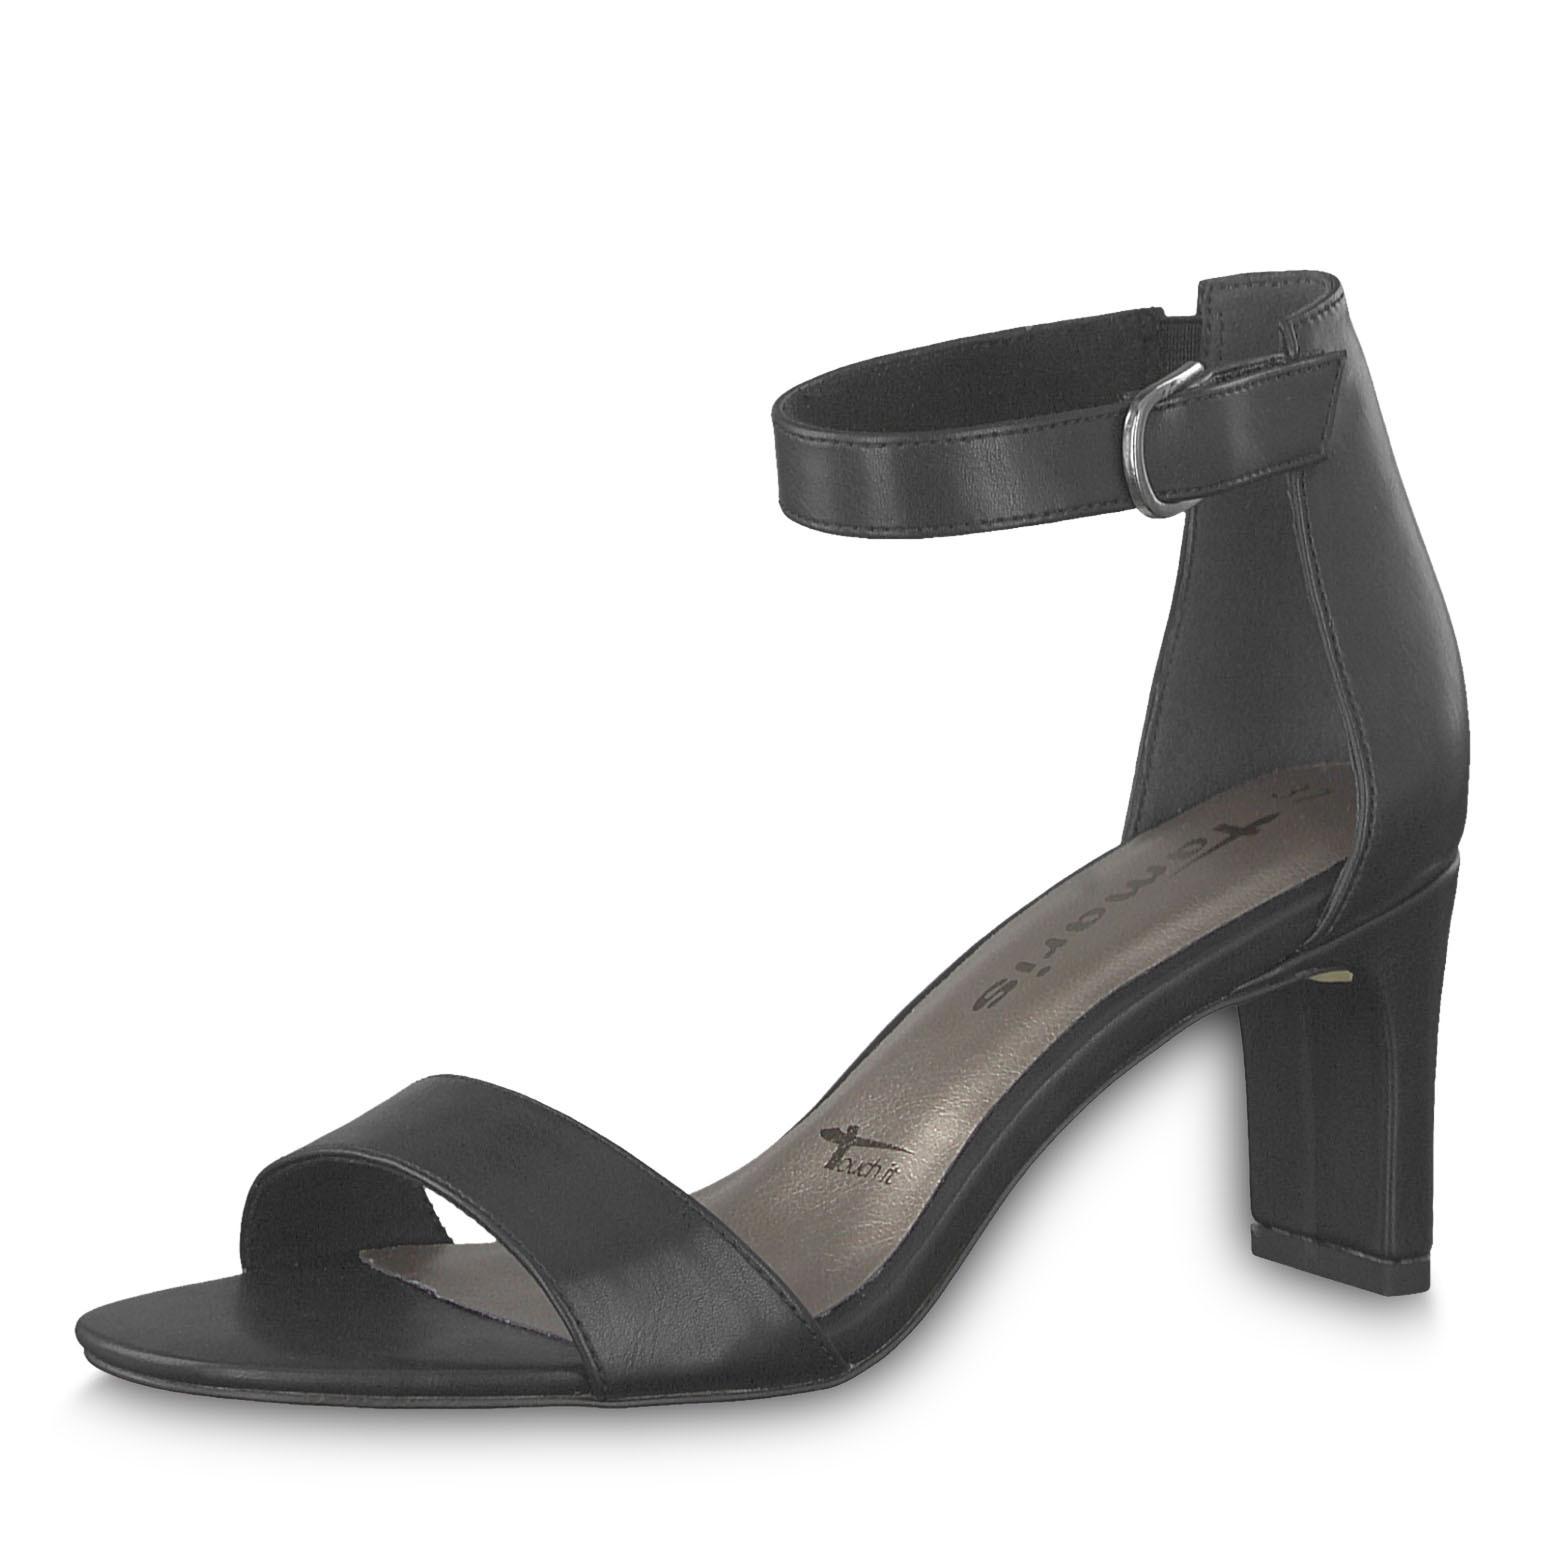 633aaccb076b dámské sandály Tamaris 1 1-28345-22 001